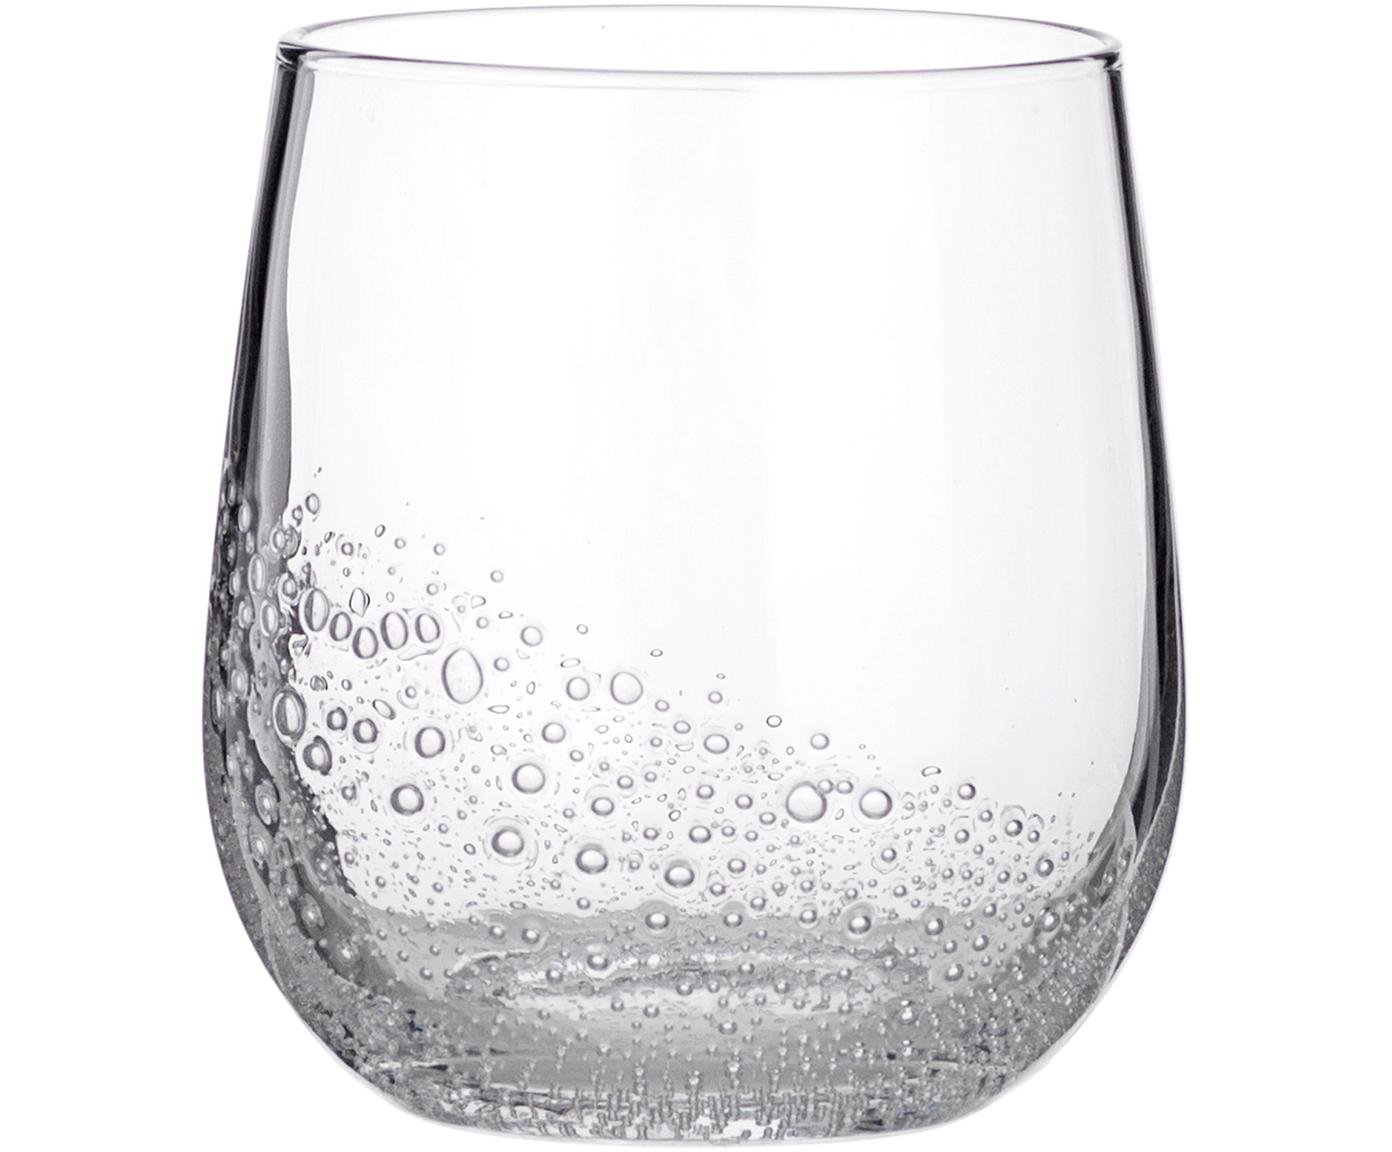 Szklanka do wody ze szkła dmuchanego Bubble, 4 szt., Szkło dmuchane, Transparentny z bąbelkami powietrza, Ø 9 x W 10 cm